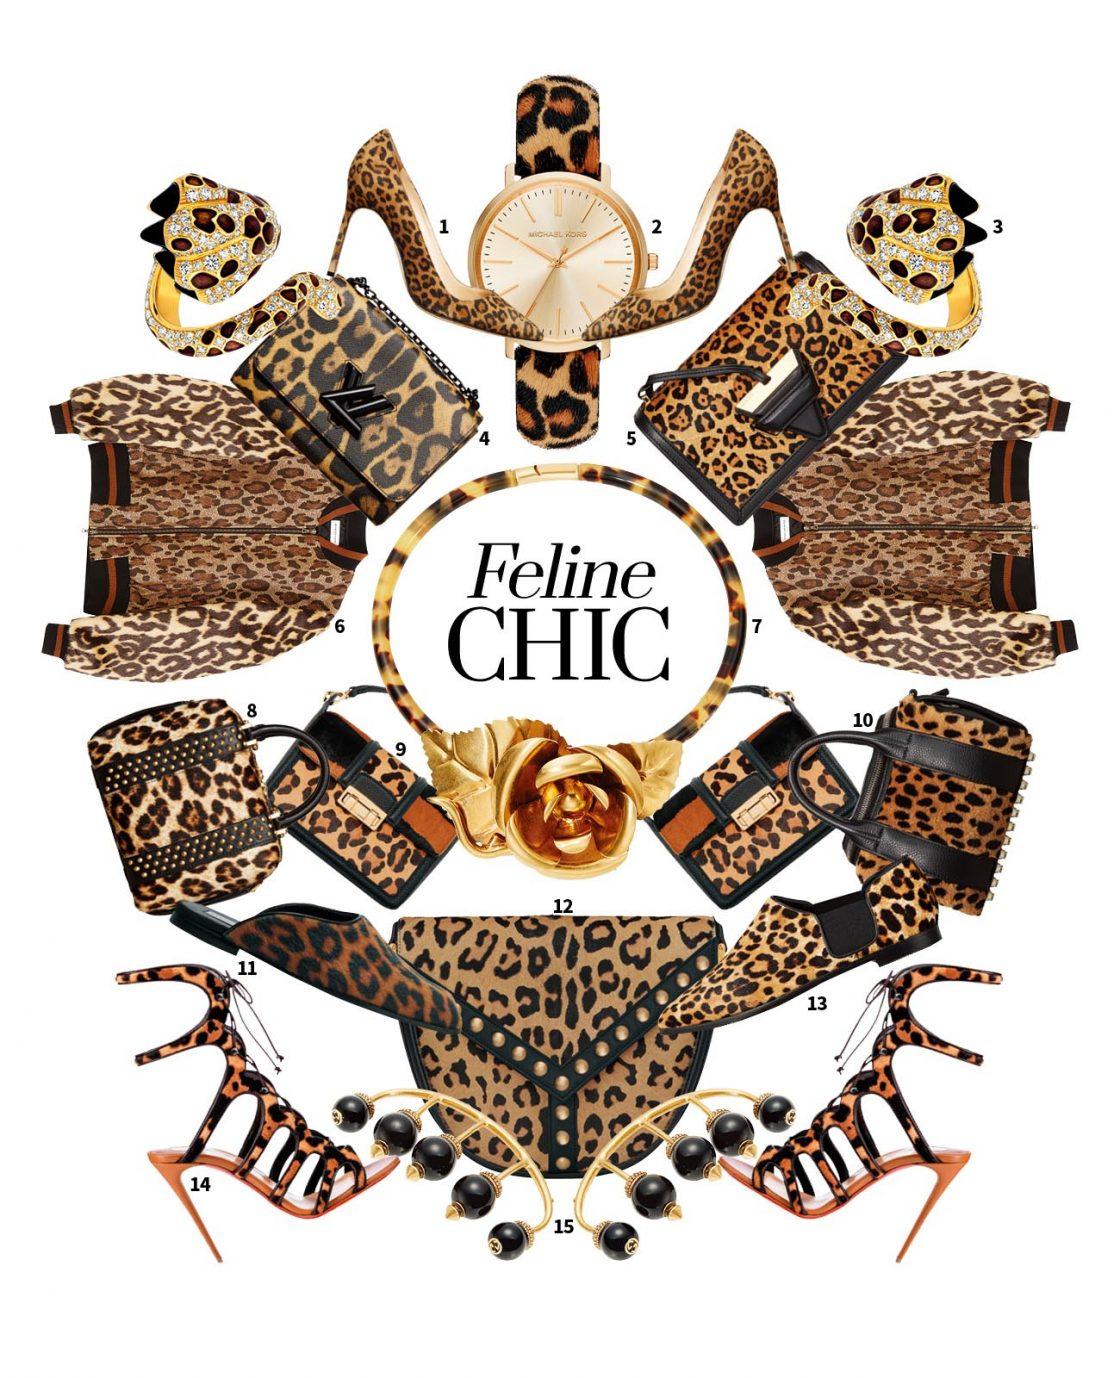 1 매끈한 라인의 스틸레토 힐은 가격 미정으로 Manolo Blahnik 2 골드 프레임과 송치 스트랩이 클래식한 시계는 34만원으로 Michael Kors 3 표범의 발이 손가락을 휘감는 형태의 미챠 반지는 가격 미정으로 Dior Fine Jewelry 4 로고를 이용한 잠금 장치가 독특한 체인 숄더백은 4백만원대로 Louis Vuitton 5 송치 소재의 스퀘어 백은 3백70만원으로 Loewe 6 은은한 메탈릭 소재와 퍼 소재로 화려함을 더한 보머 재킷은 1백만원대로 Dries Van Noten by My Boon 7 로맨틱한 장미 장식마저 관능적으로 보이게 하는 레오퍼드 패턴 초커는 가격 미정으로 Prada 8 스터드 디테일로 강렬함을 극대화한 토트백은 가격 미정으로 Cesare Paciotti 9 레오퍼드와 타이거 패턴이 더해진 클래식한 디자인의 숄더백은 2백97만원으로 Lanvin 10 퍼, 스터드, 볼드한 지퍼 등 다채로운 텍스처가 돋보이는 토트백은 1백만원대로 Alexander Wang by BOONTHESHOP 11 시크한 블로퍼는 50만원대로 Stella McCartney by Net-A-Porter 12 골드 컬러의 라운드 스터드가 고급스러운 크로스 백은 2백47만5천원으로 Saint Laurent 13 밴드 디테일의 플랫 슈즈는 가격 미정으로 Jimmy Choo 14 글래머러스한 컷아웃 디테일의 레이스업 슈즈는 가격 미정으로 Christian Louboutin 15 표범의 발톱이 연상되는 너클 반지는 74만5천원으로 Gucci 제품.